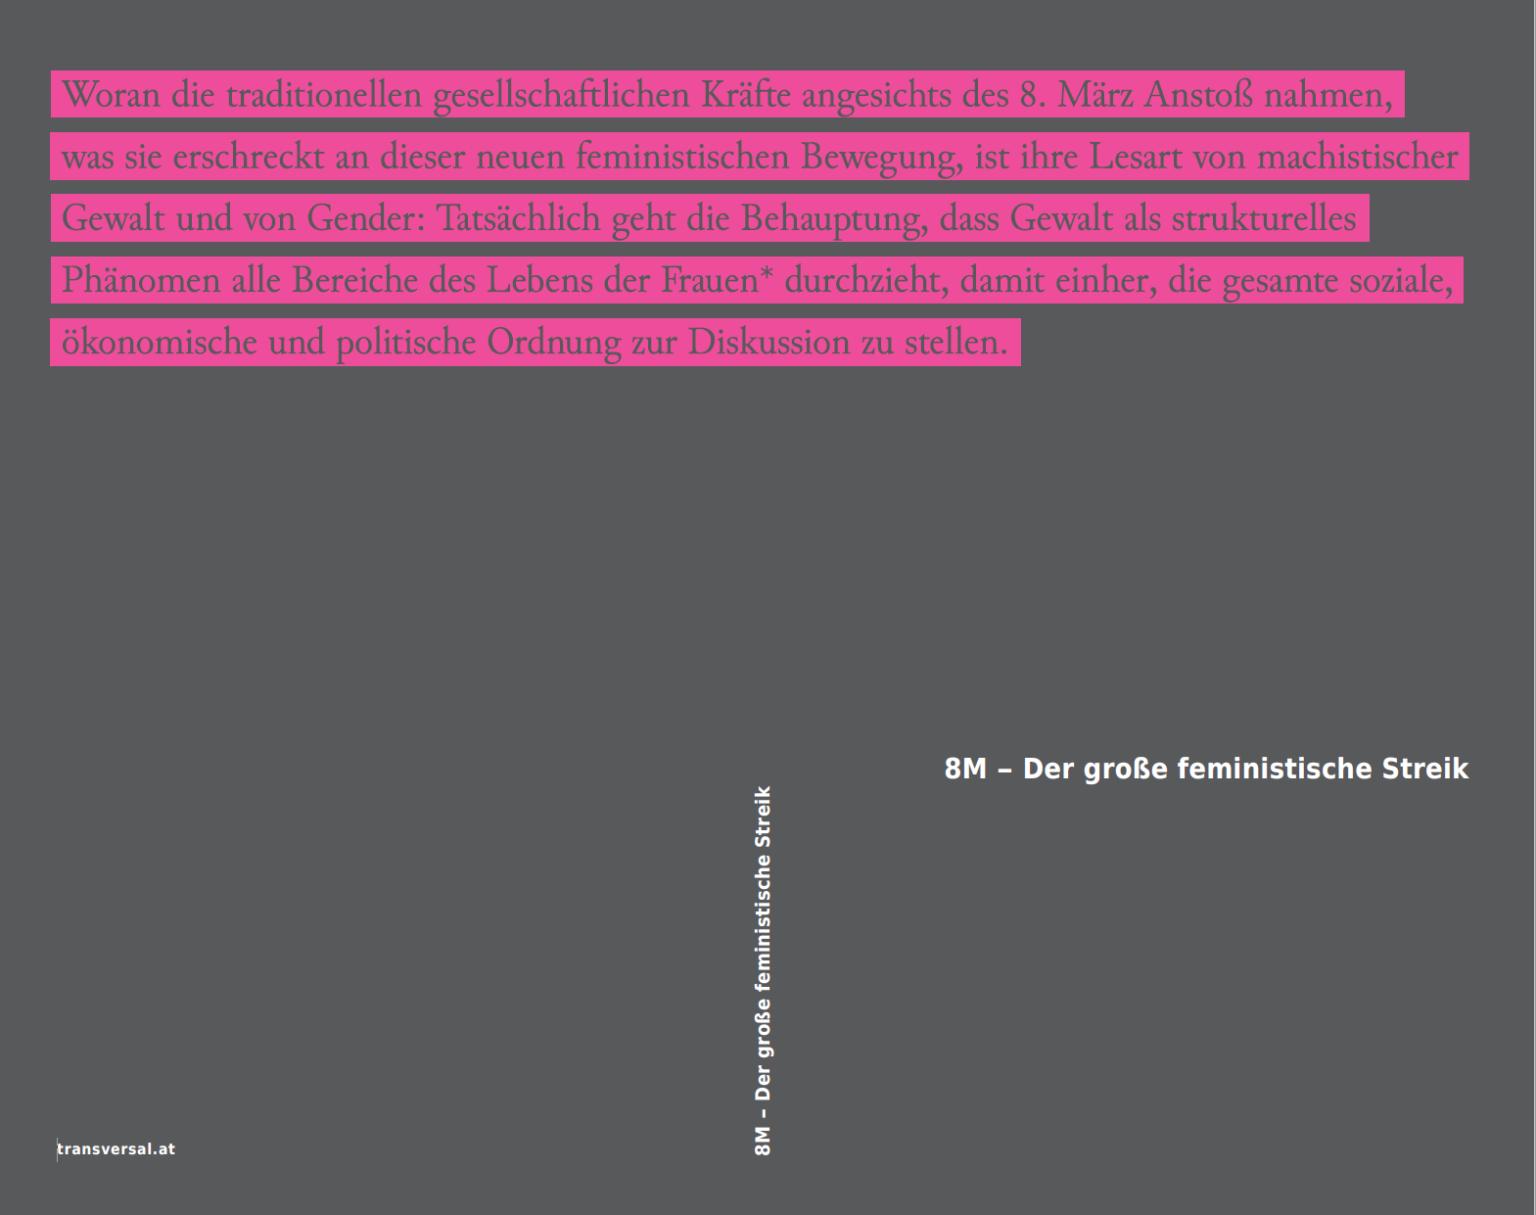 Bucheinband 8M-Der große feministische Streik